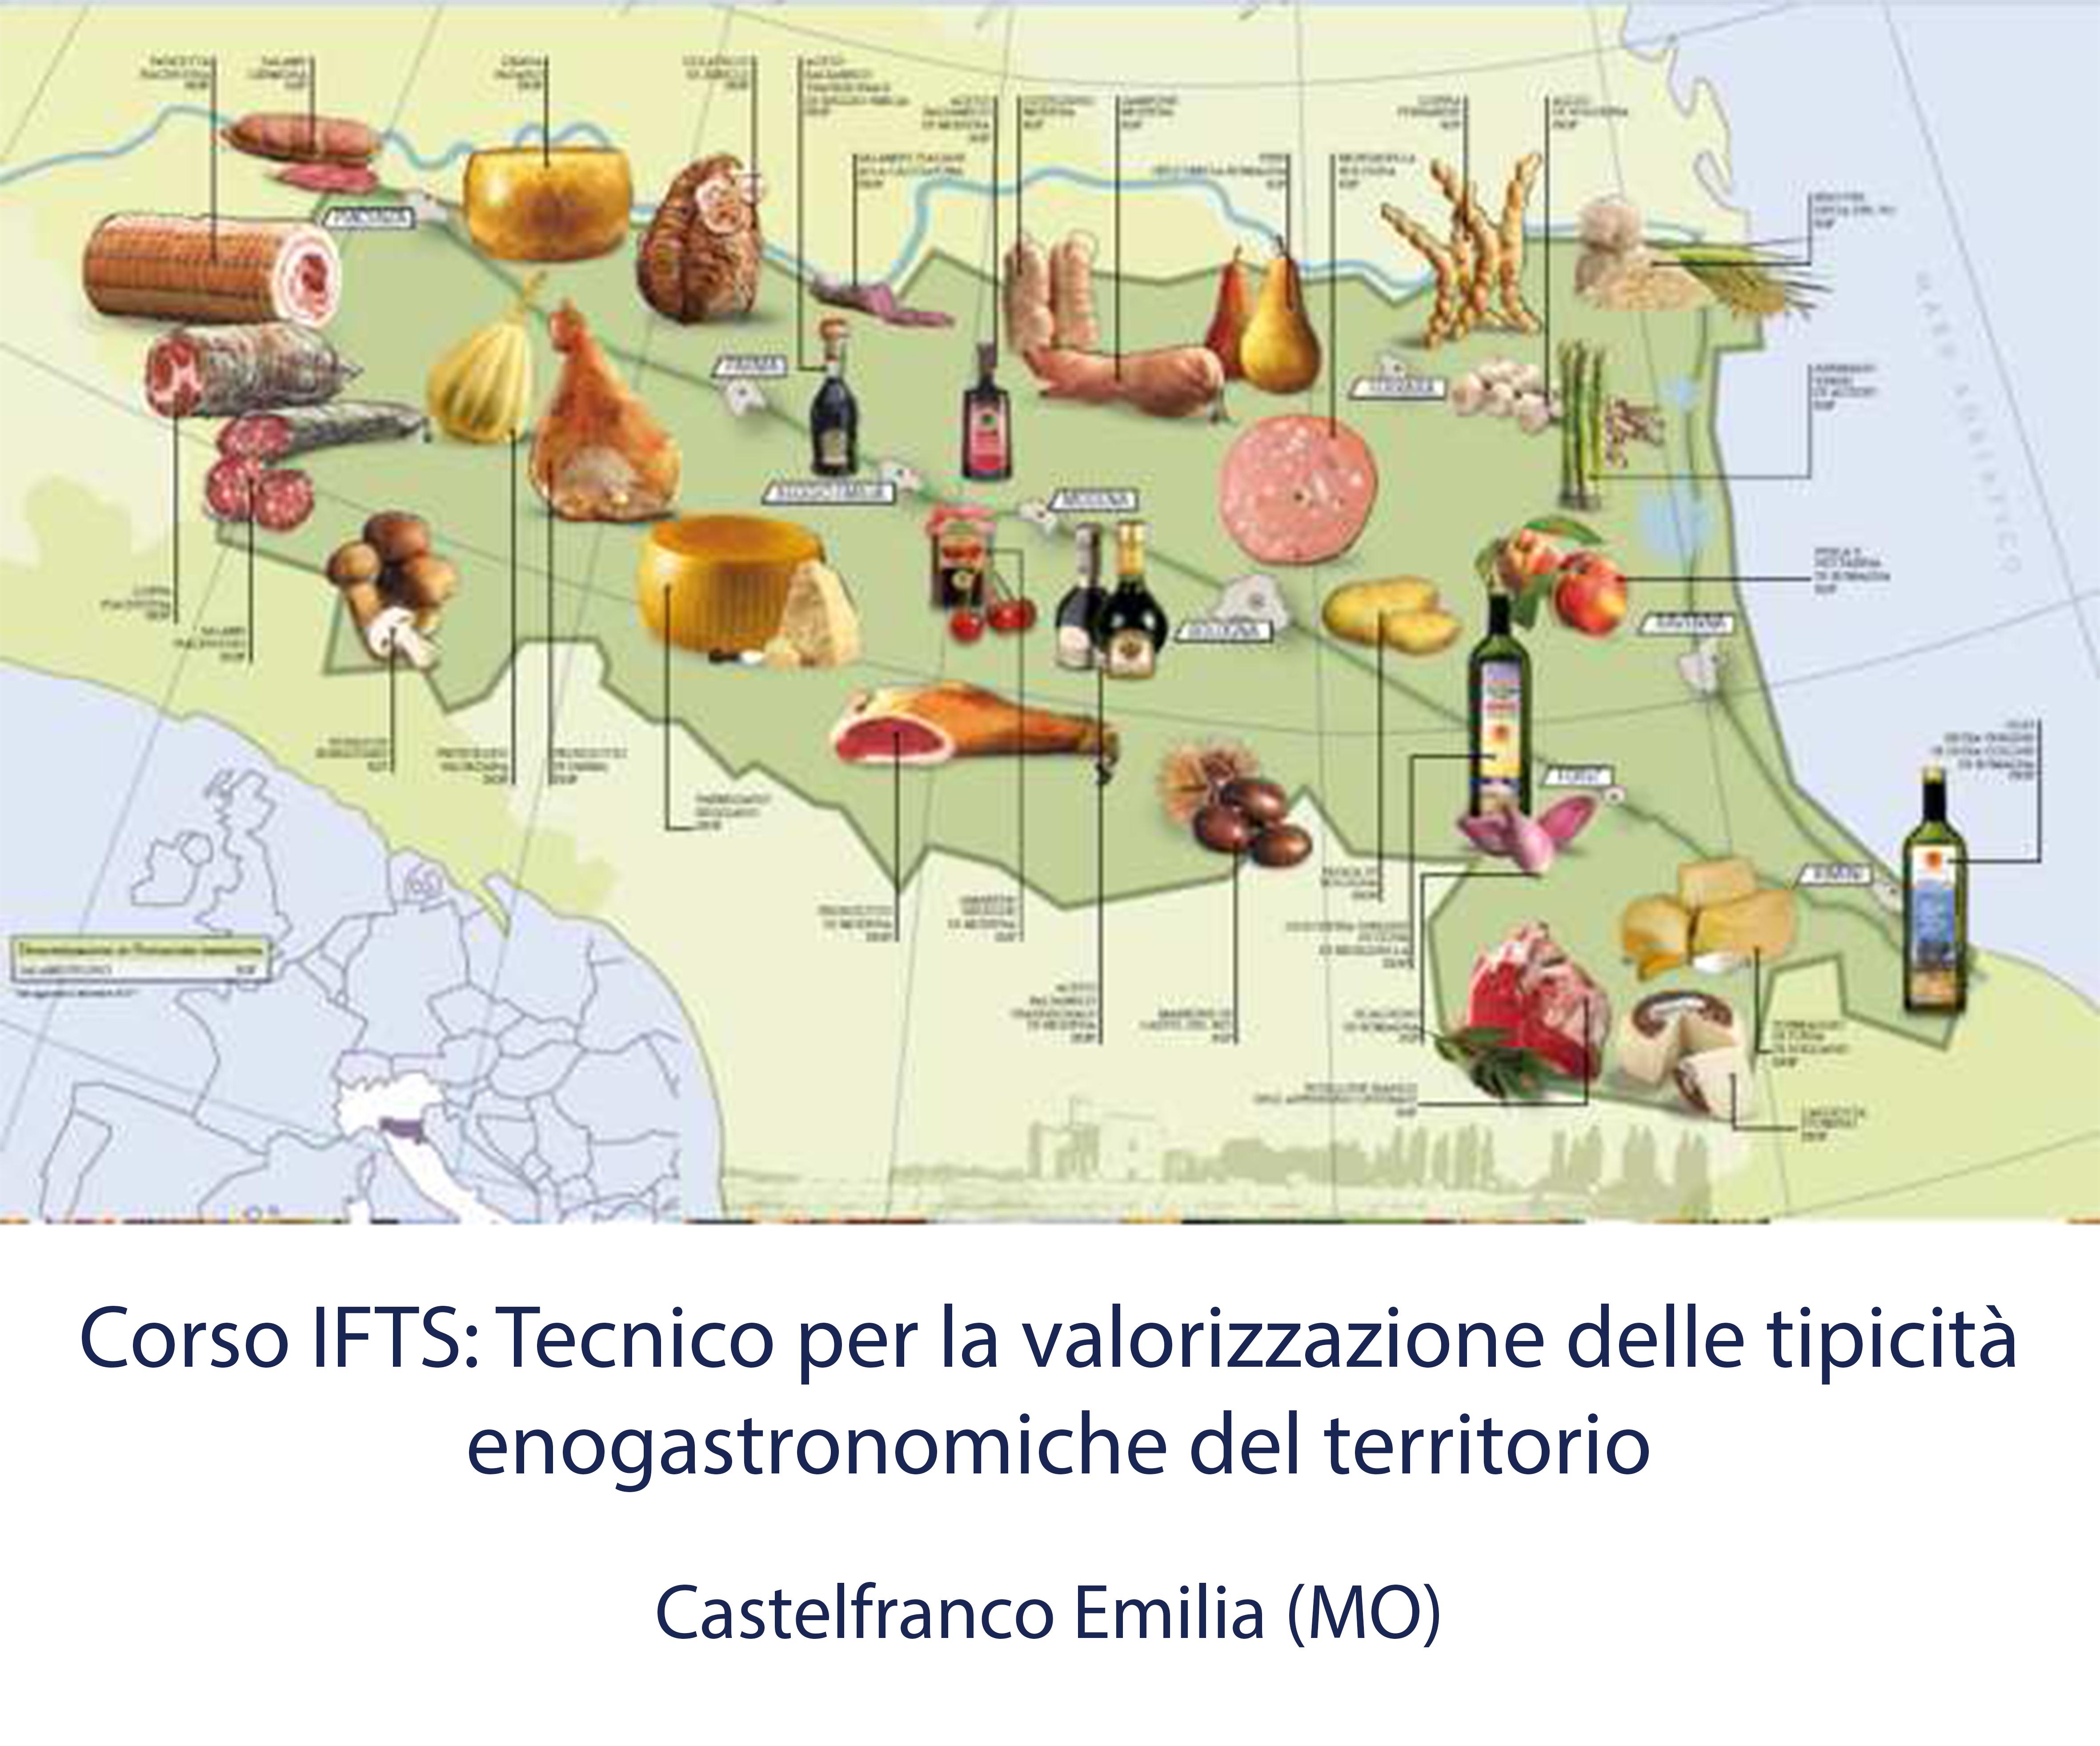 Tecnico per la valorizzazione delle tipicità enogastronimiche del territorio (Castelfranco Emilia)